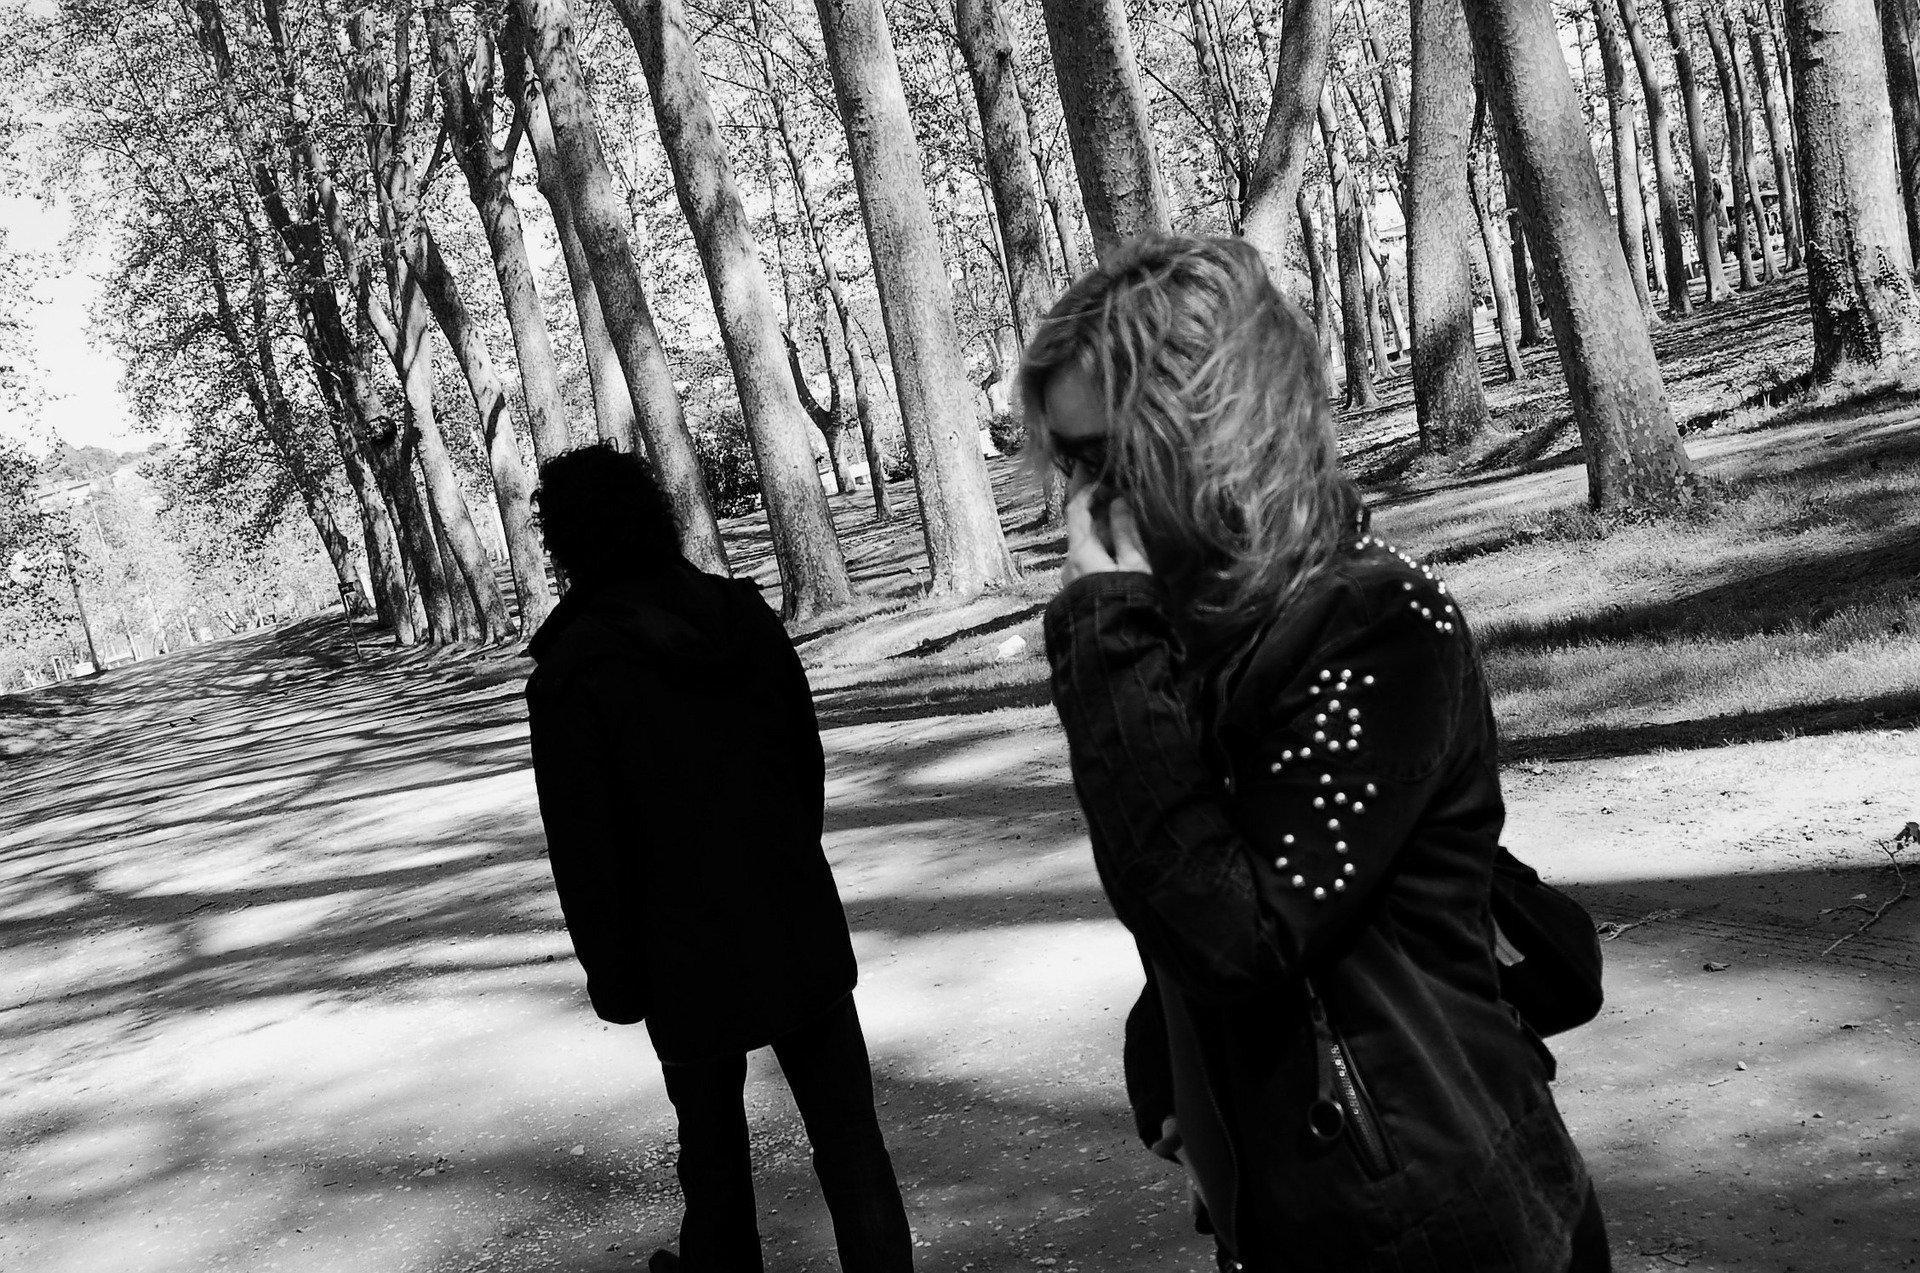 un uomo ed una donna che si allontanano tra di loro in mezzo ad un bosco